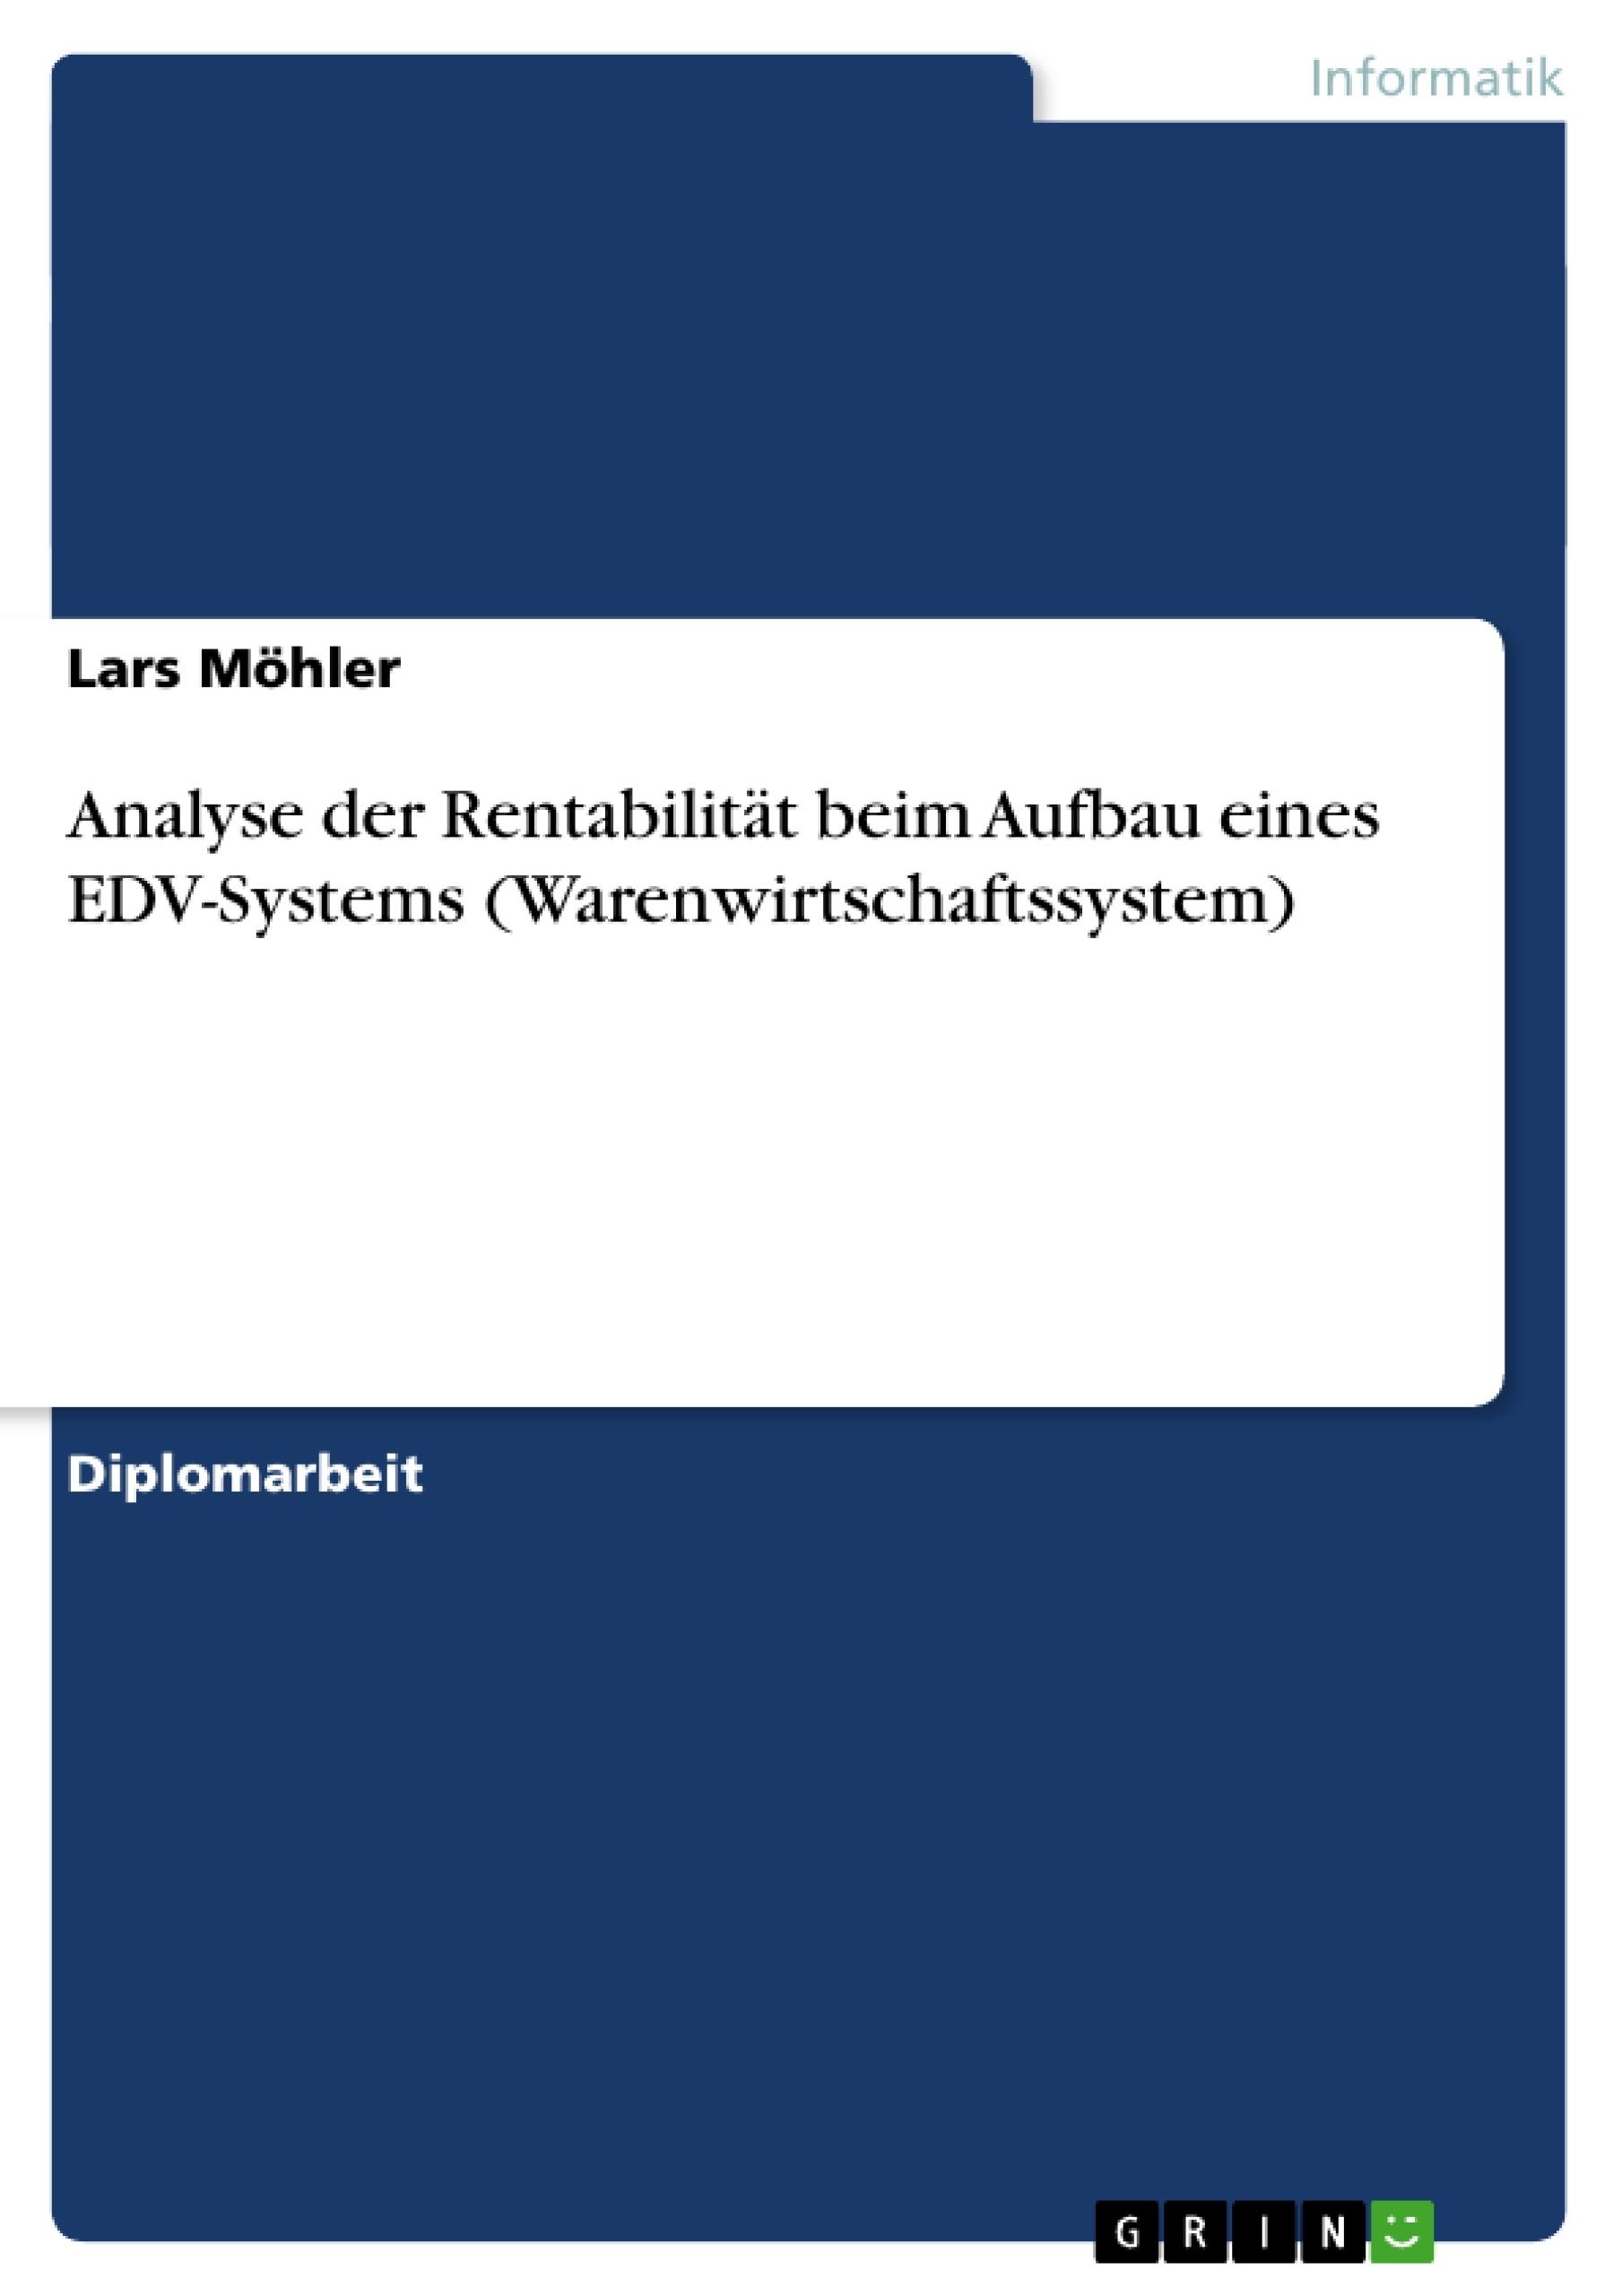 Titel: Analyse der Rentabilität beim Aufbau eines EDV-Systems (Warenwirtschaftssystem)